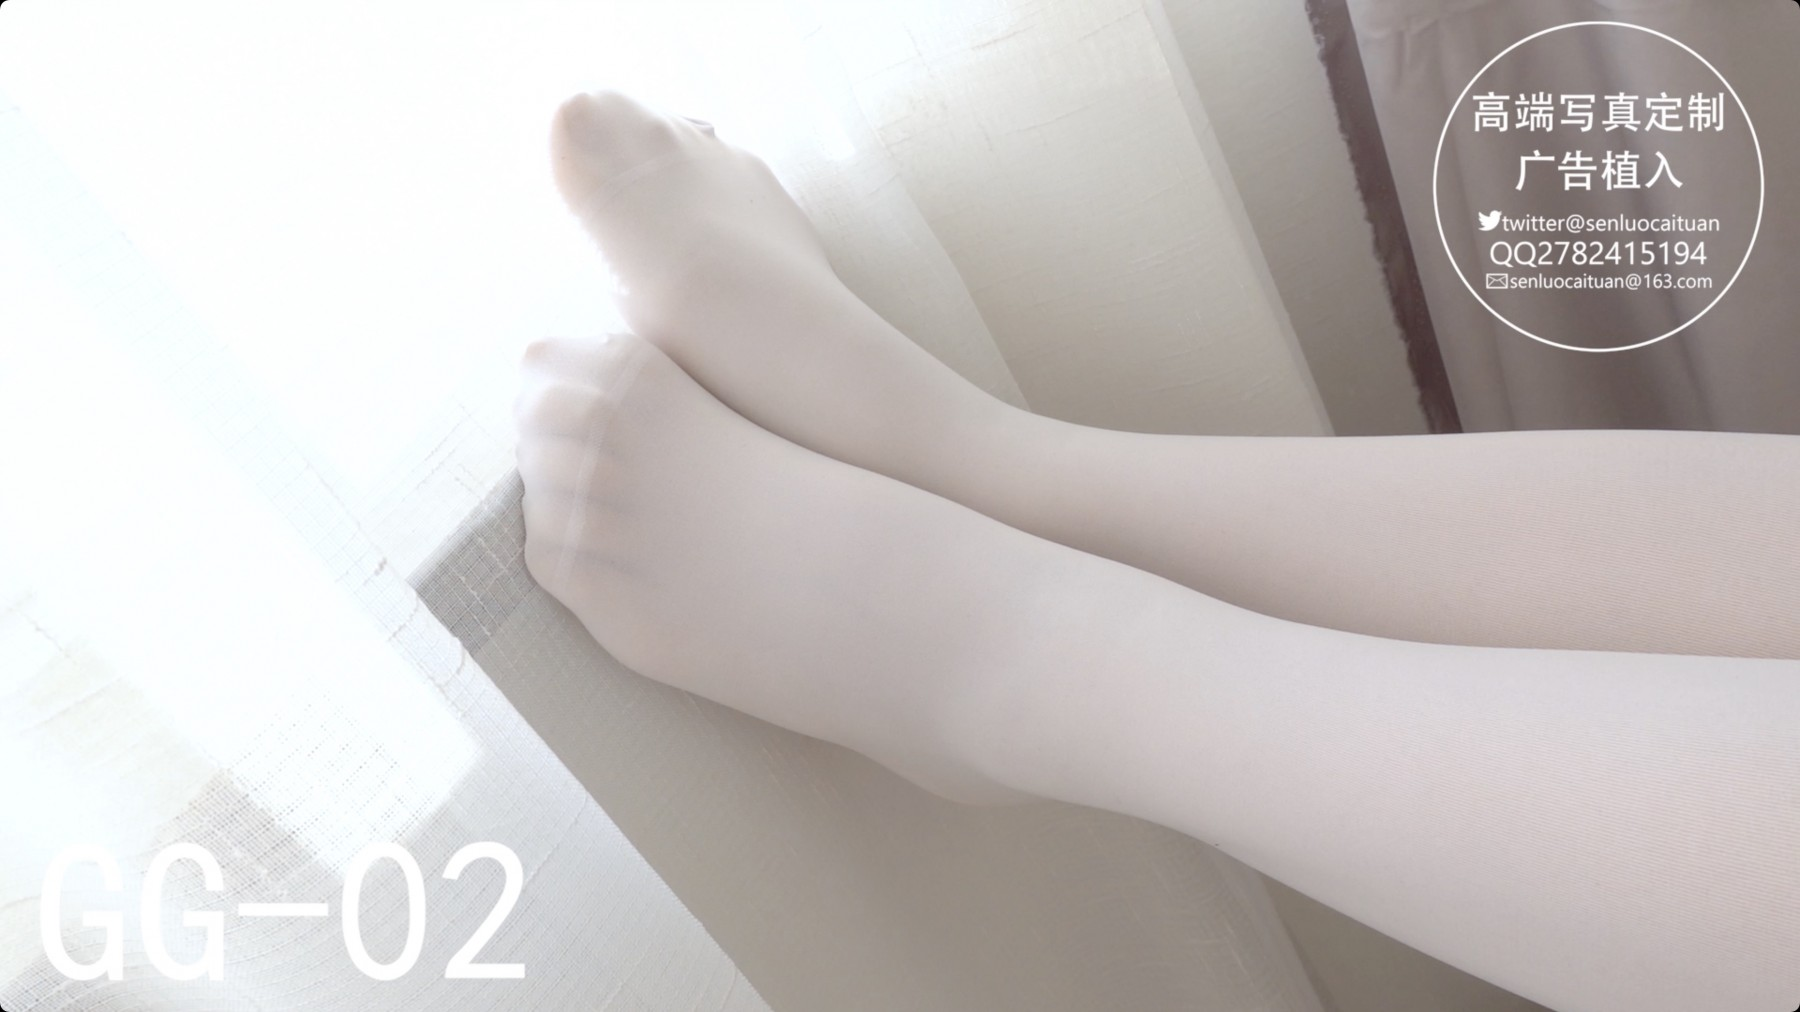 森萝财团 Video JKFUN-GG-02 离洛 《新妹子》